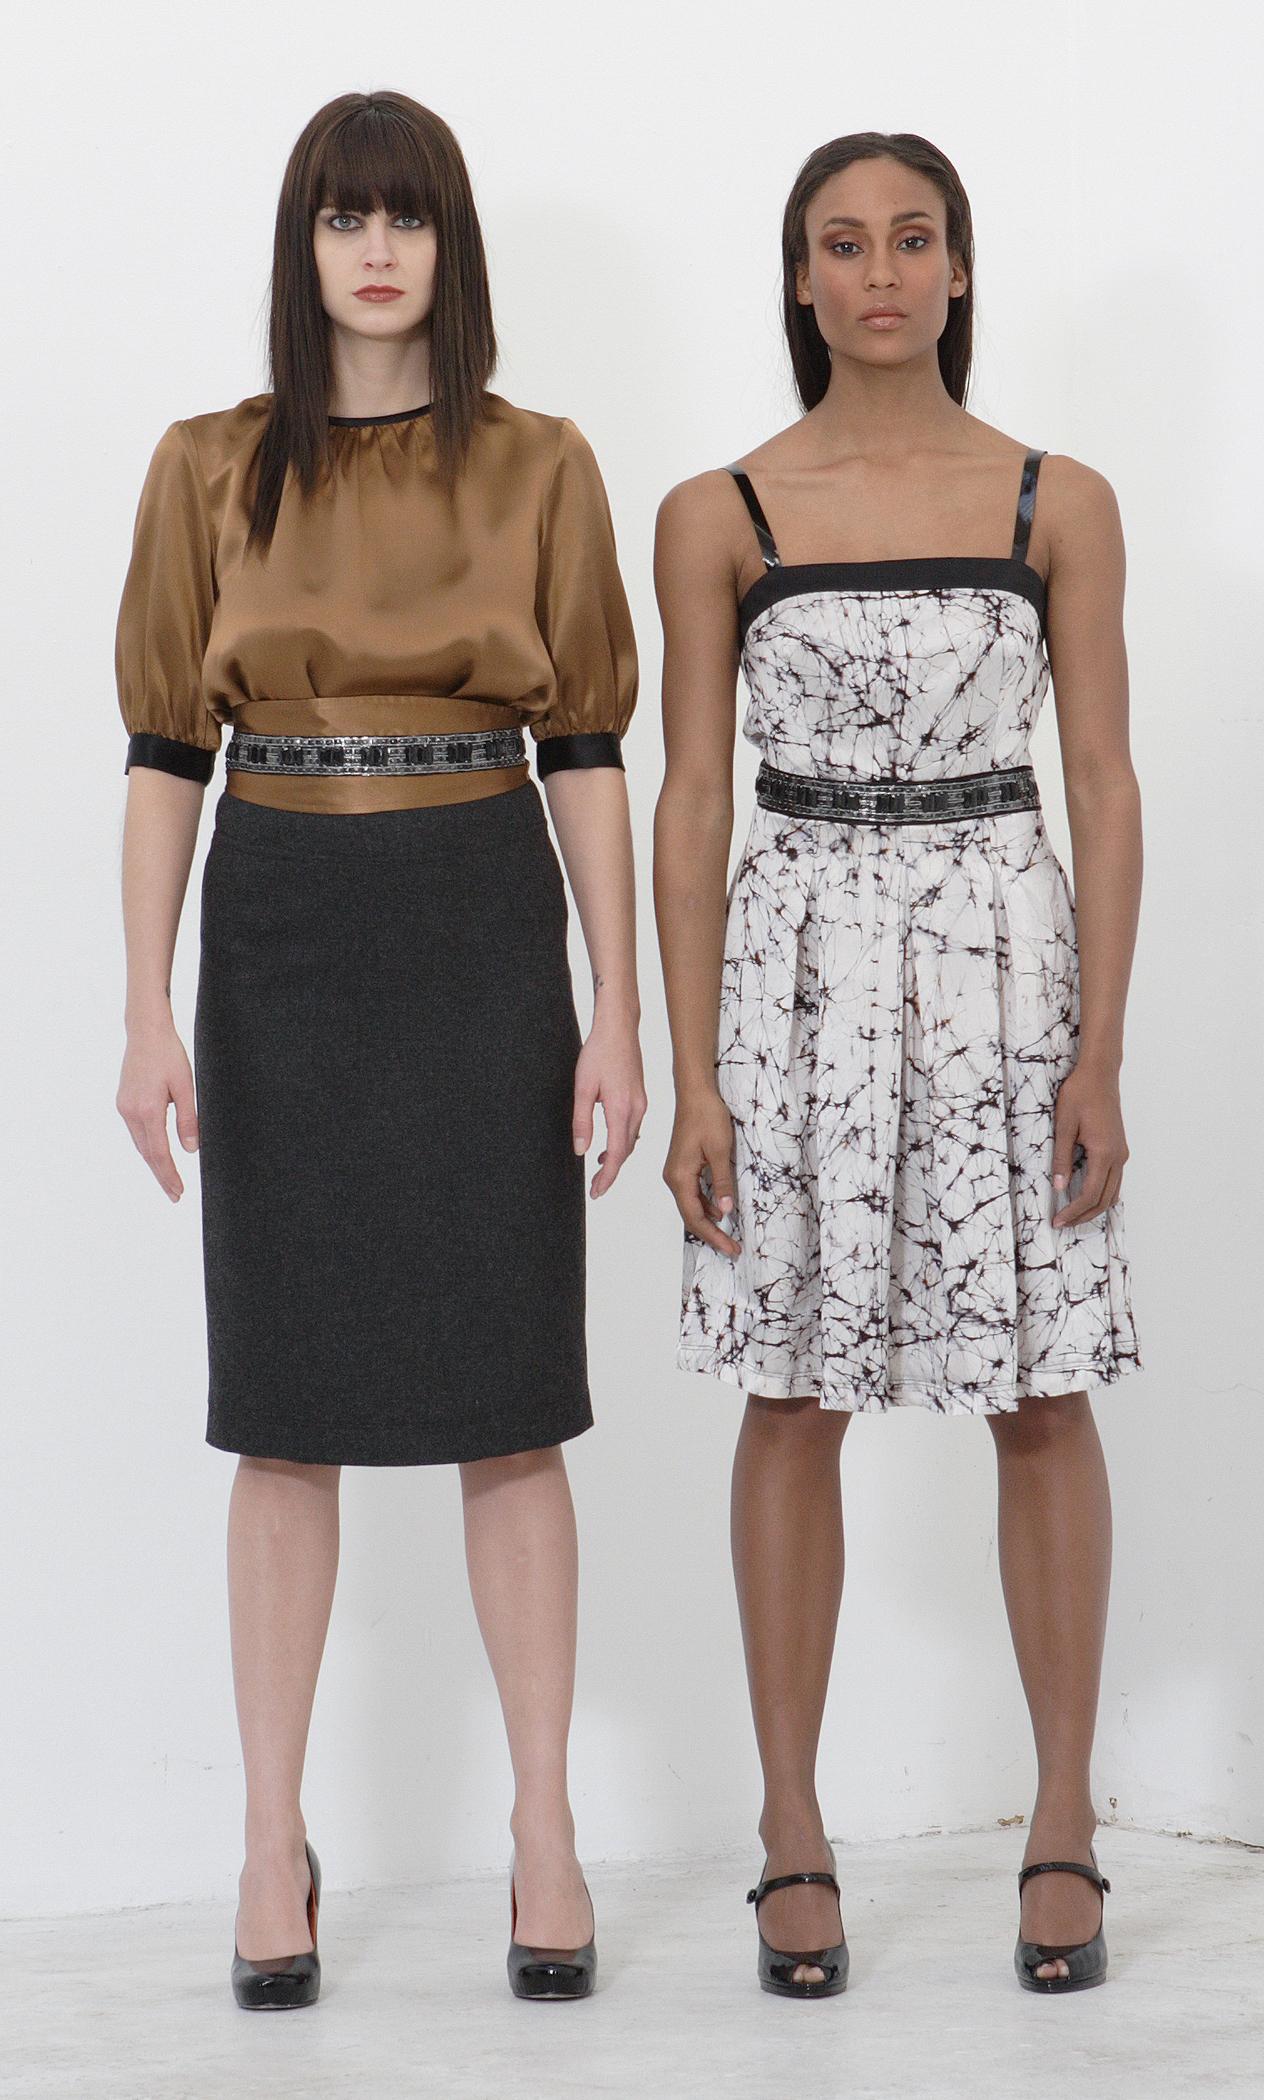 Silk Charmeuse Full Cut Sheat Blouse w/ Jeweled Obi Belt  Wool Flannel High l Waist Pencil Skirt.  Web Print Silk Charmeuse Pleat Cami Dress w/ Patent Straps & JeweledWaist.